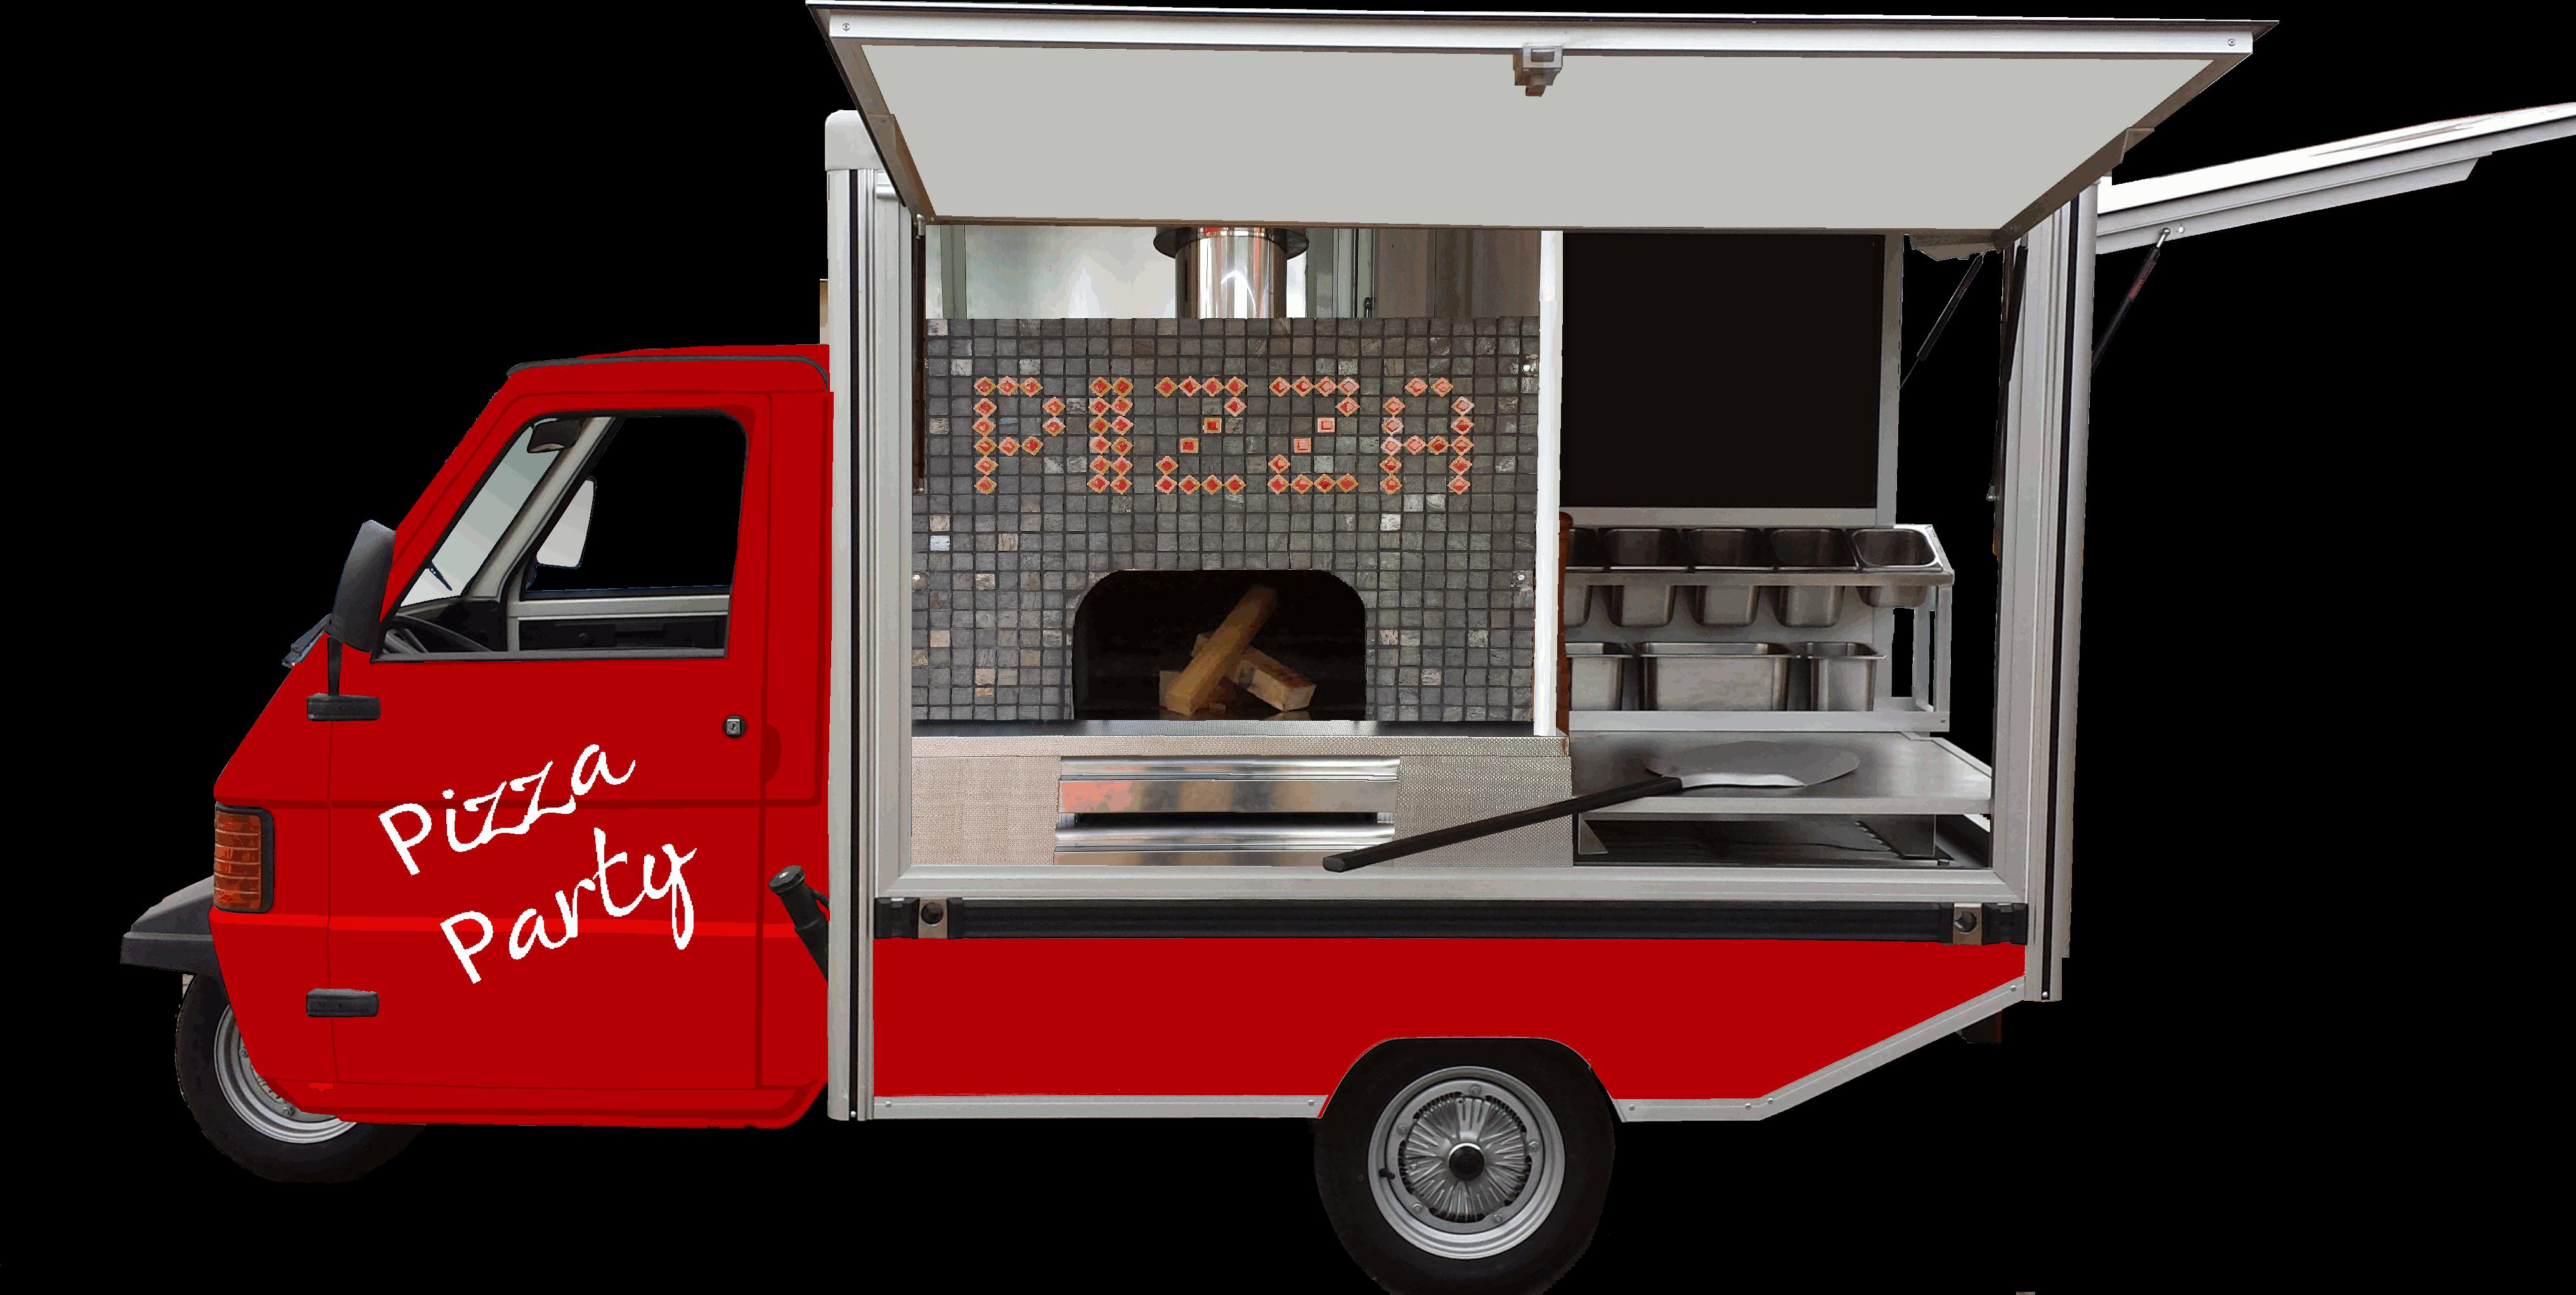 Ape piaggio pizzeria prezzo idea di immagine del motociclo for Forni magliano srl